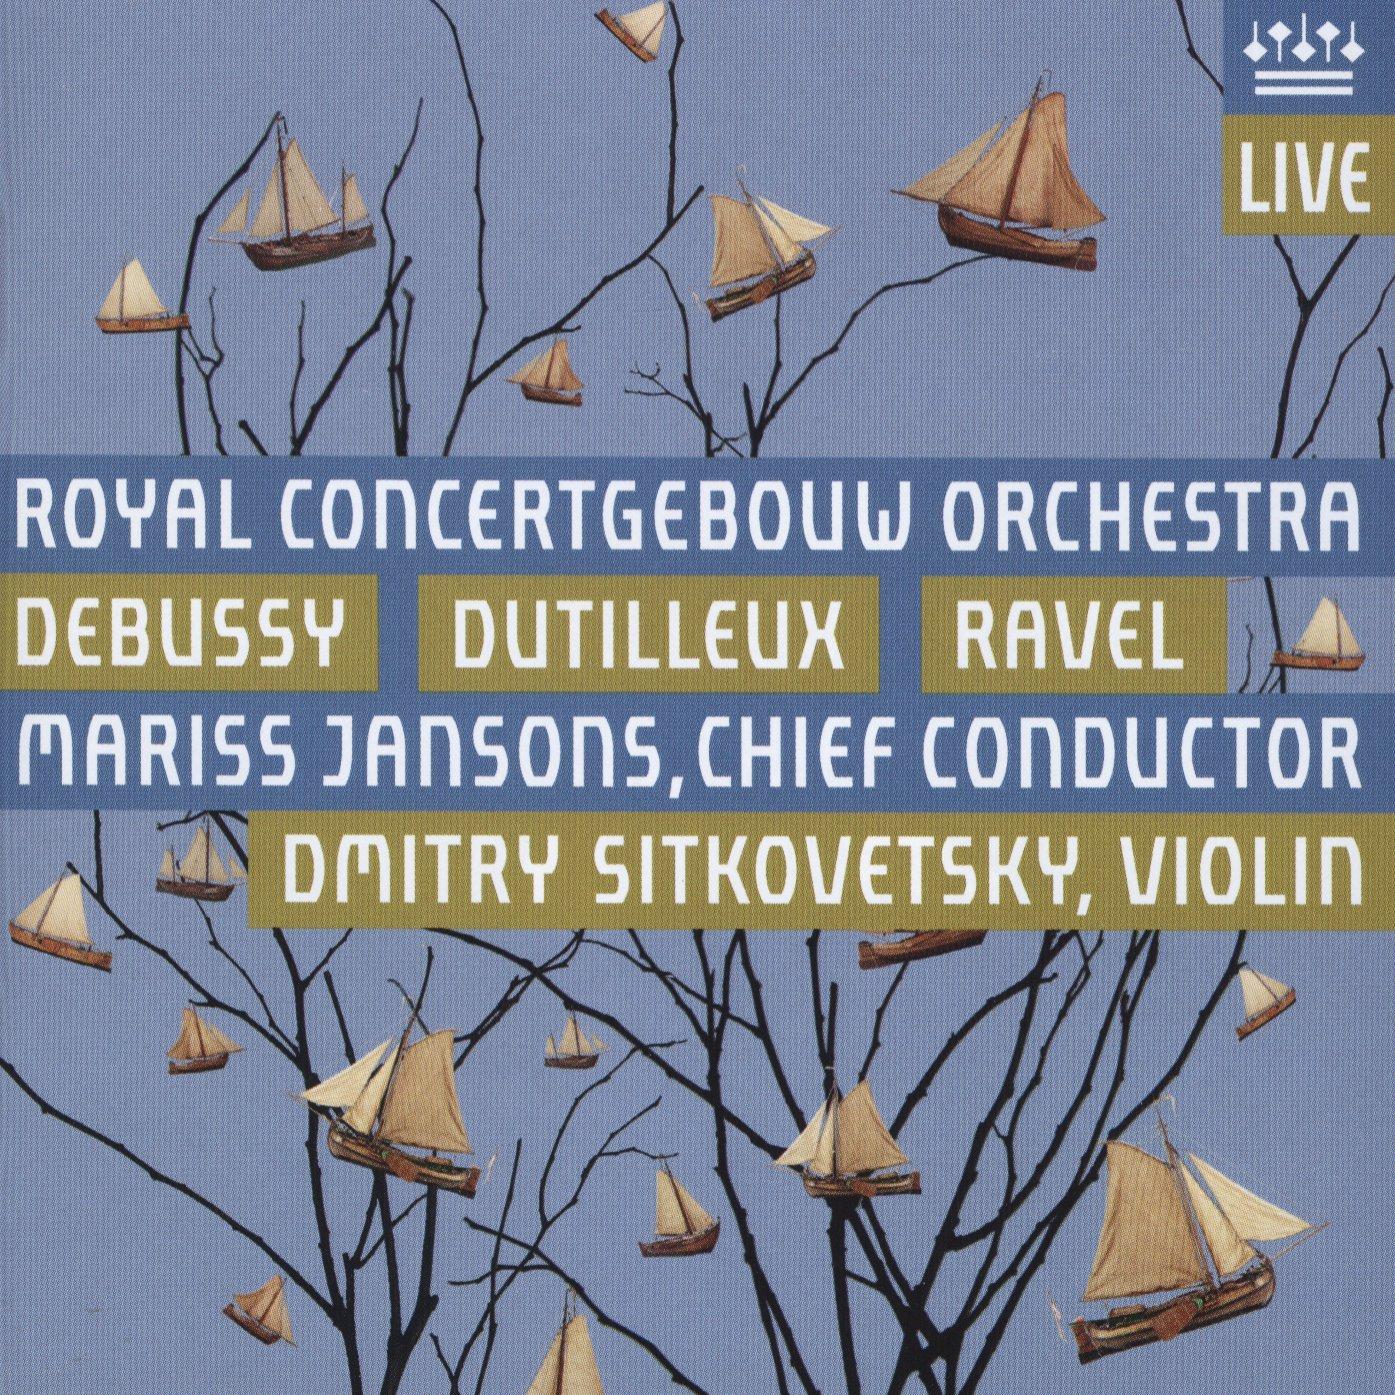 Debussy: La Mer / Dutilleux: L'Arbre des songes / Ravel: La valse by RCO Live